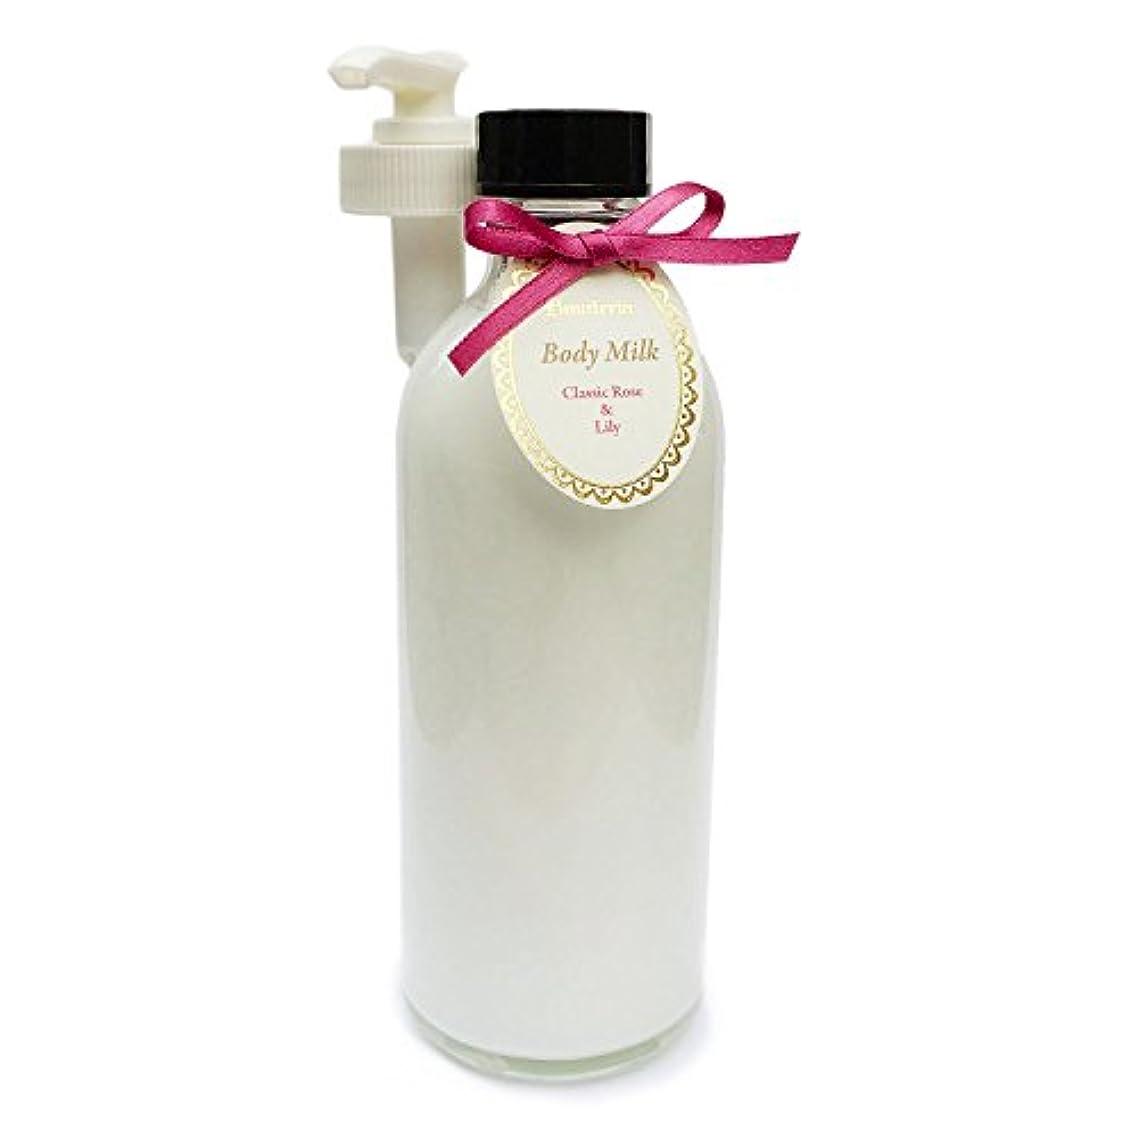 排泄する盟主母D materia ボディミルク クラシックローズ&リリー Classic Rose&Lily Body Milk ディーマテリア